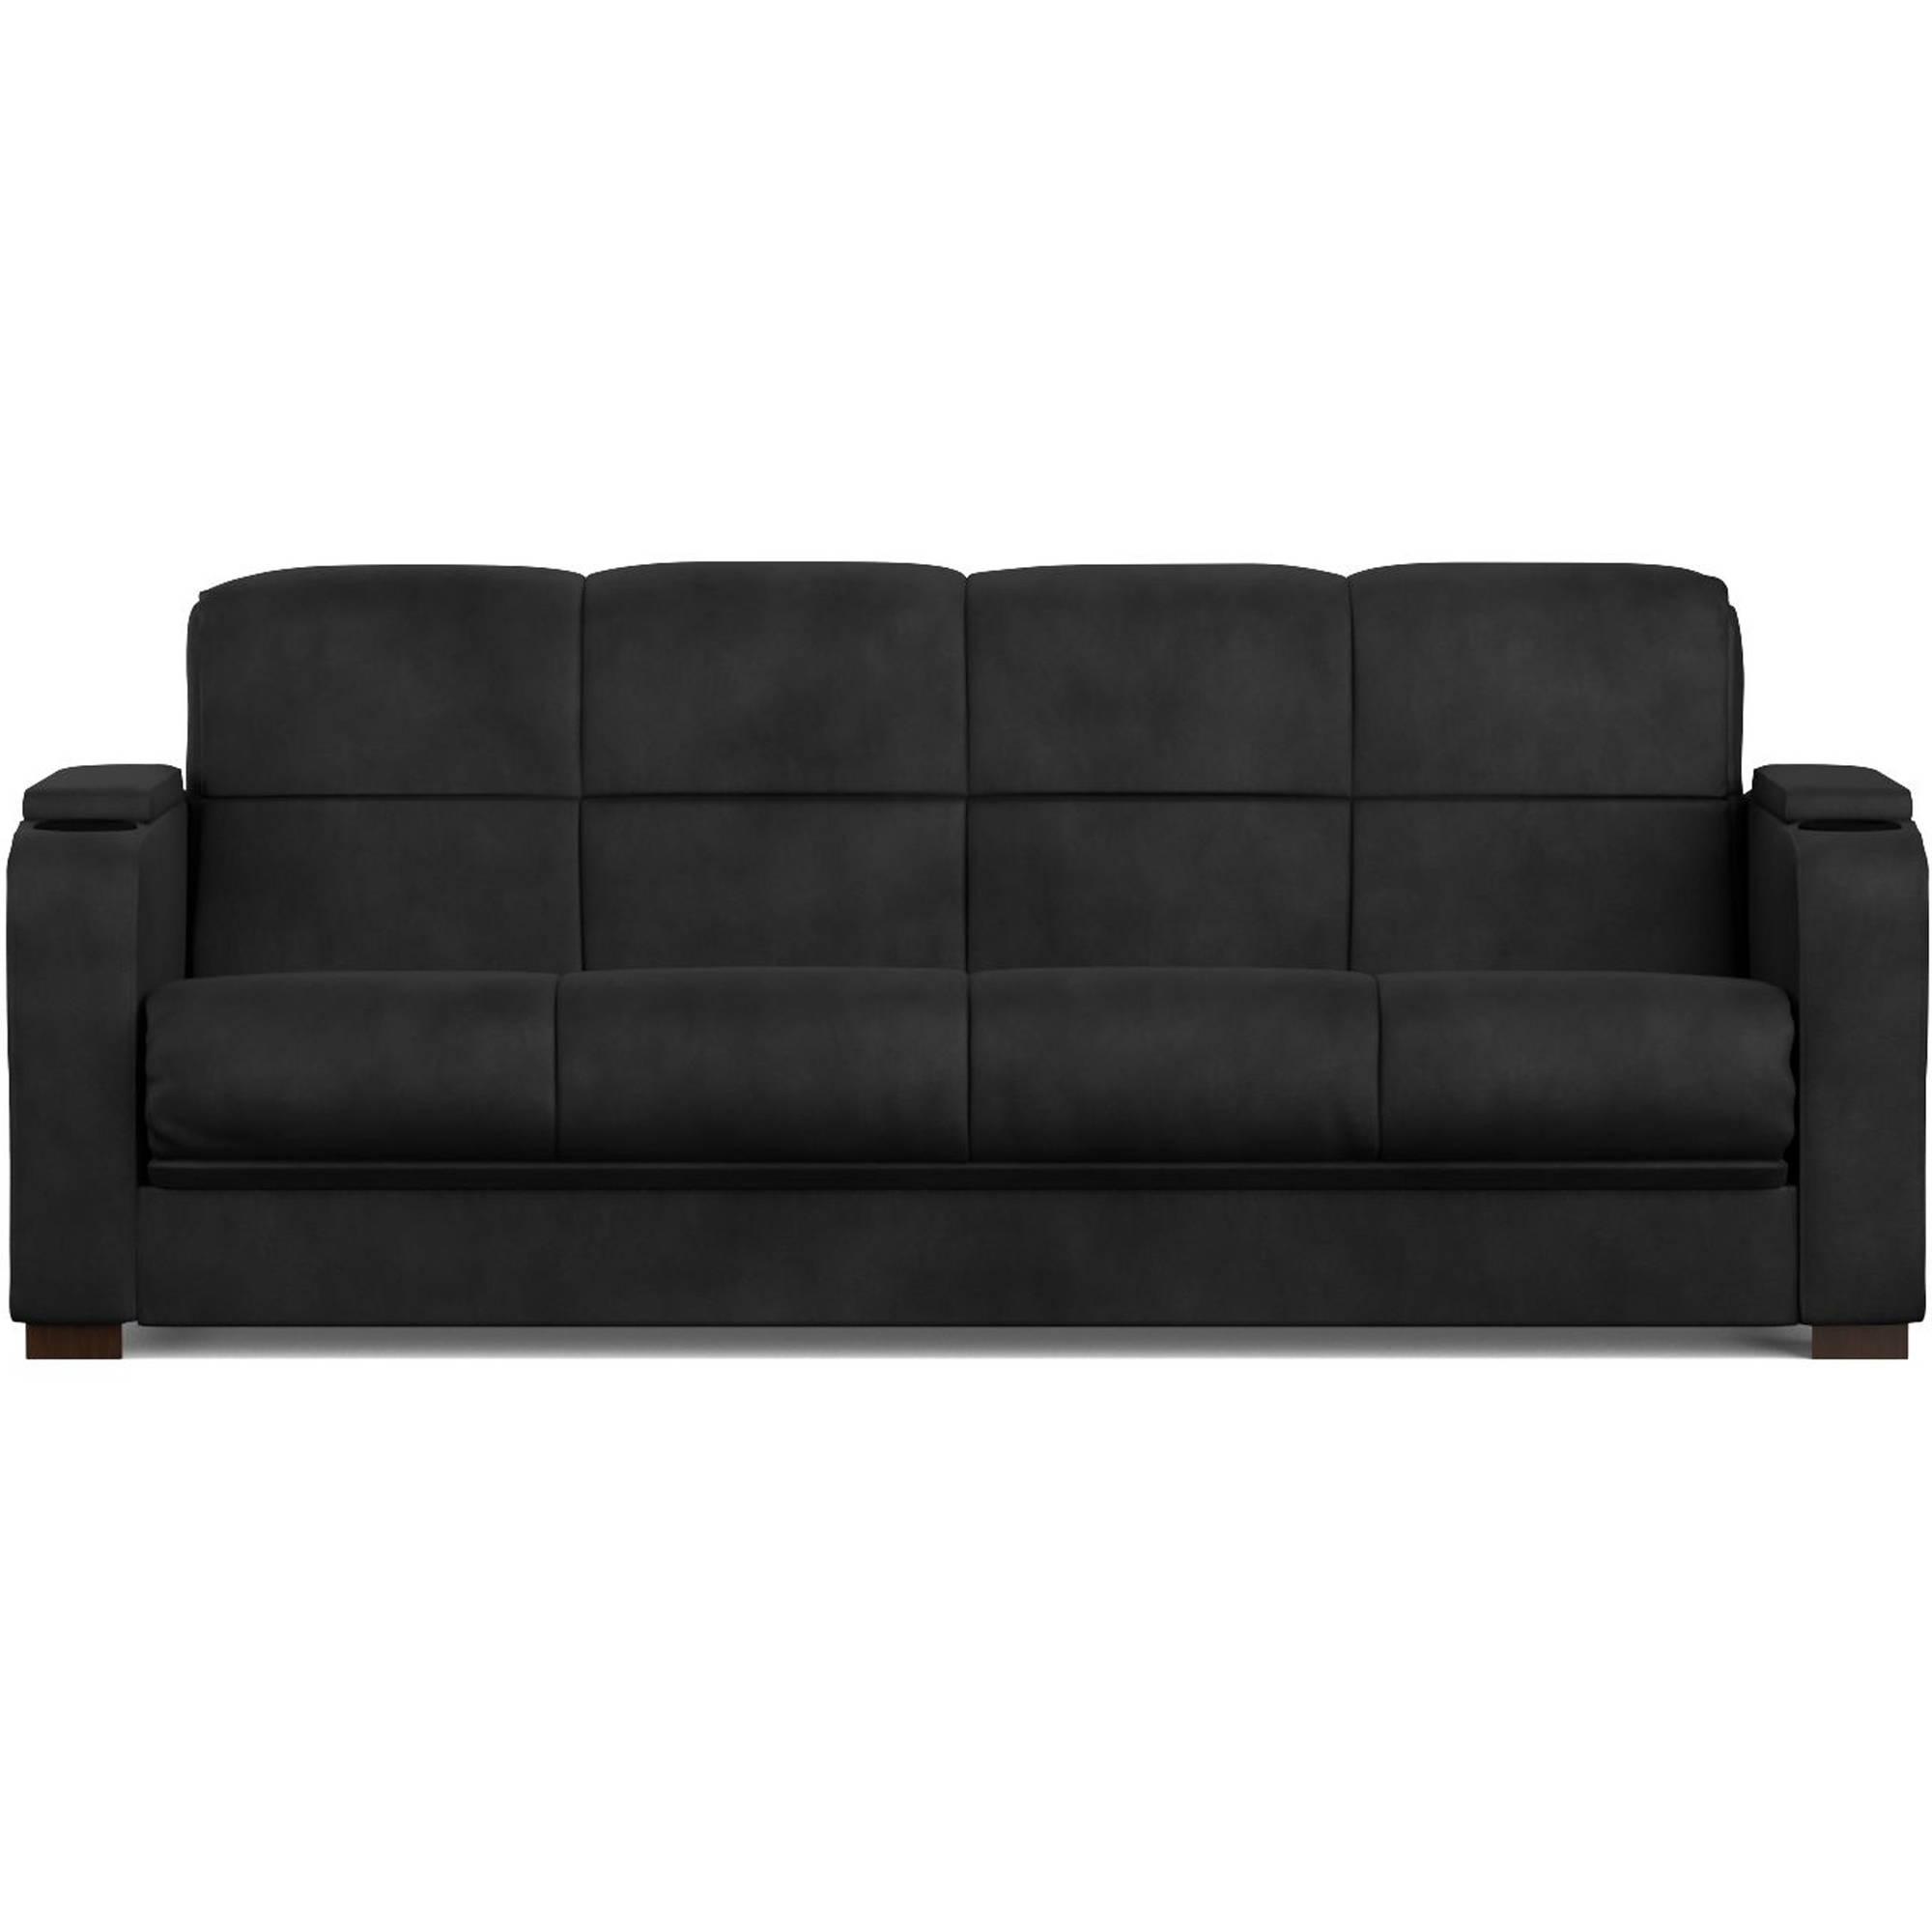 Sofa Sleepers under $300